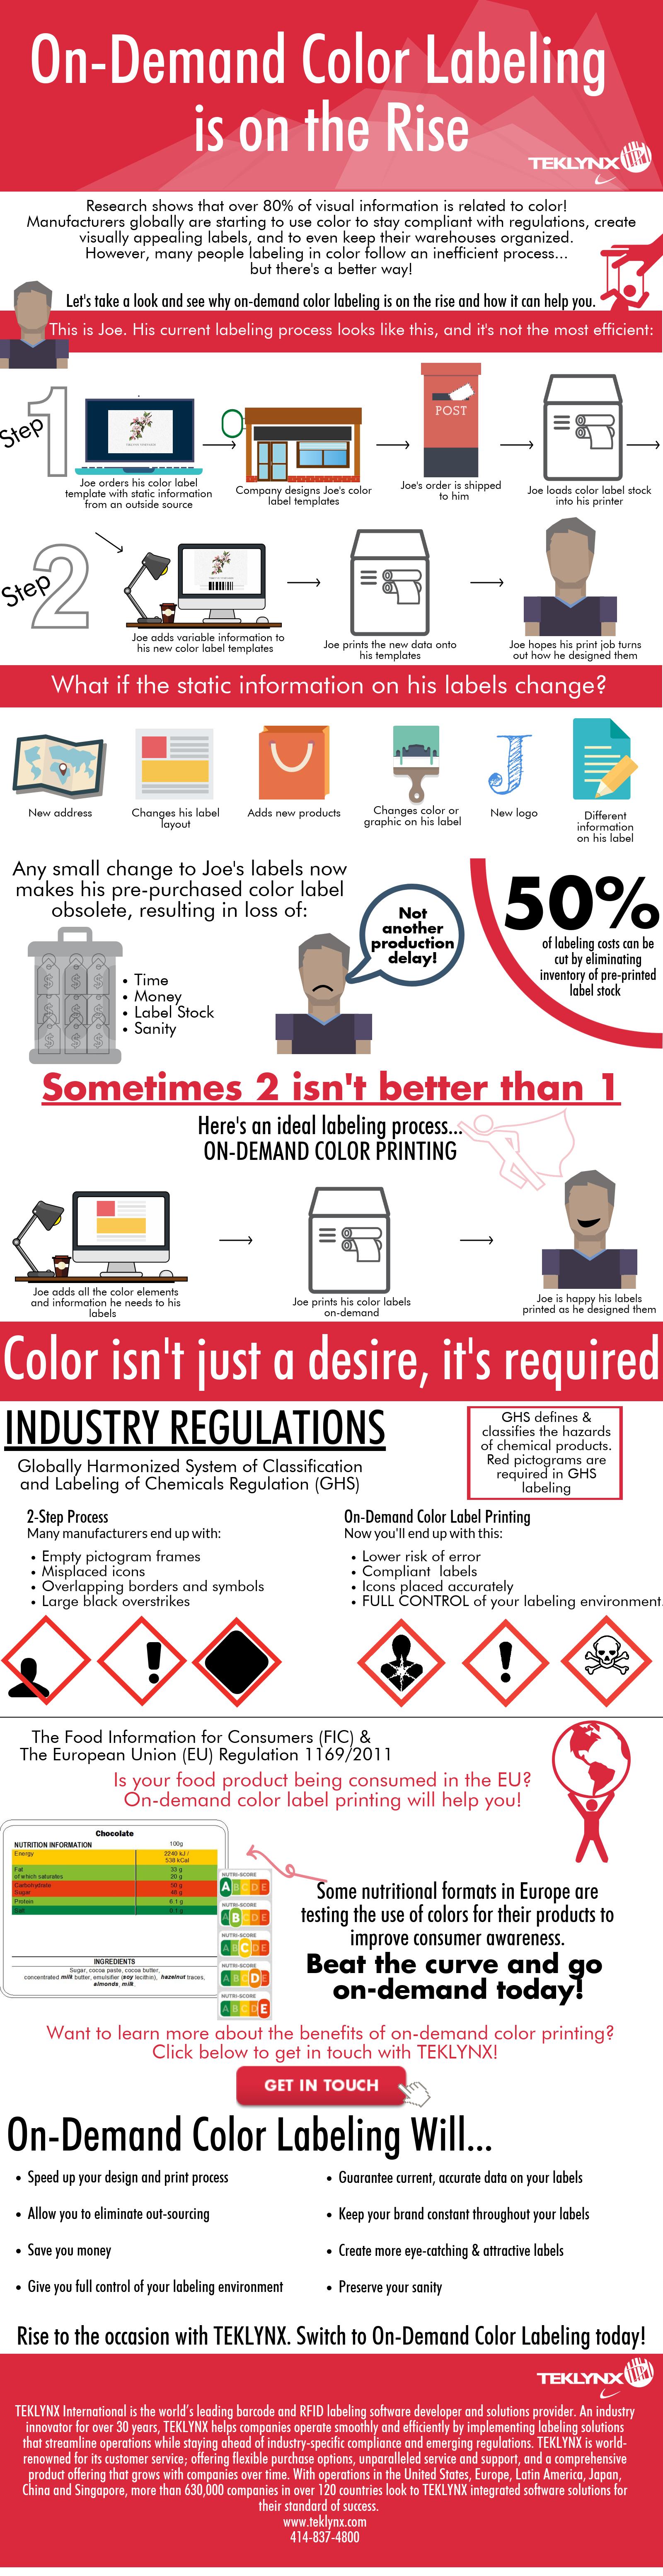 ความต้องการจัดการฉลากสีตามความต้องการกำลังเพิ่มขึ้น